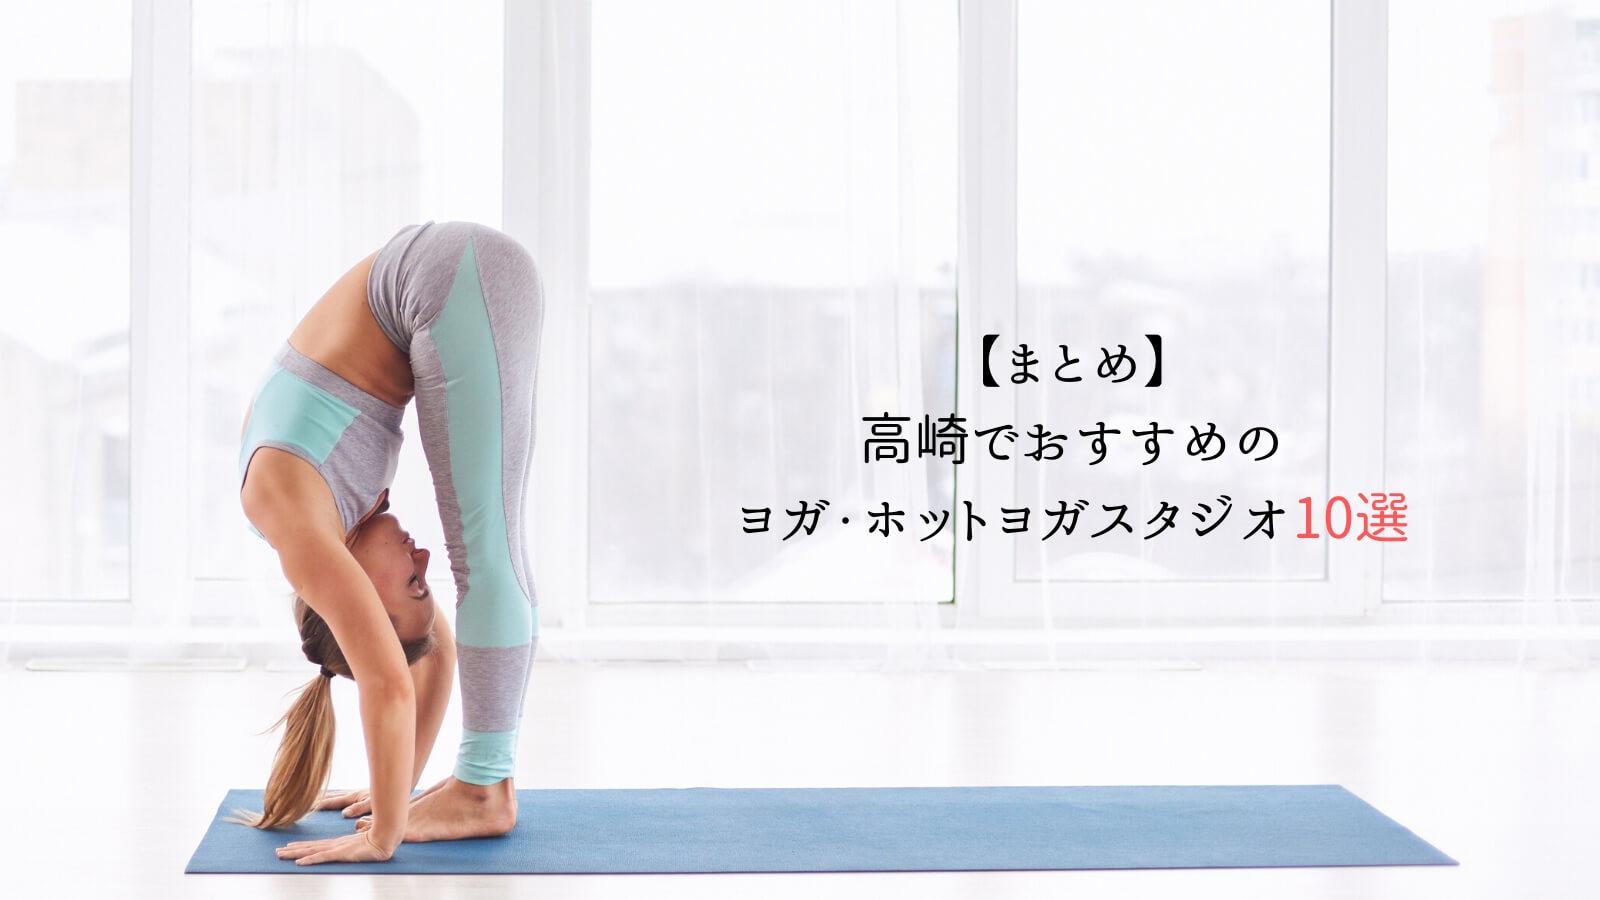 【まとめ】高崎でおすすめのヨガ・ホットヨガスタジオ10選